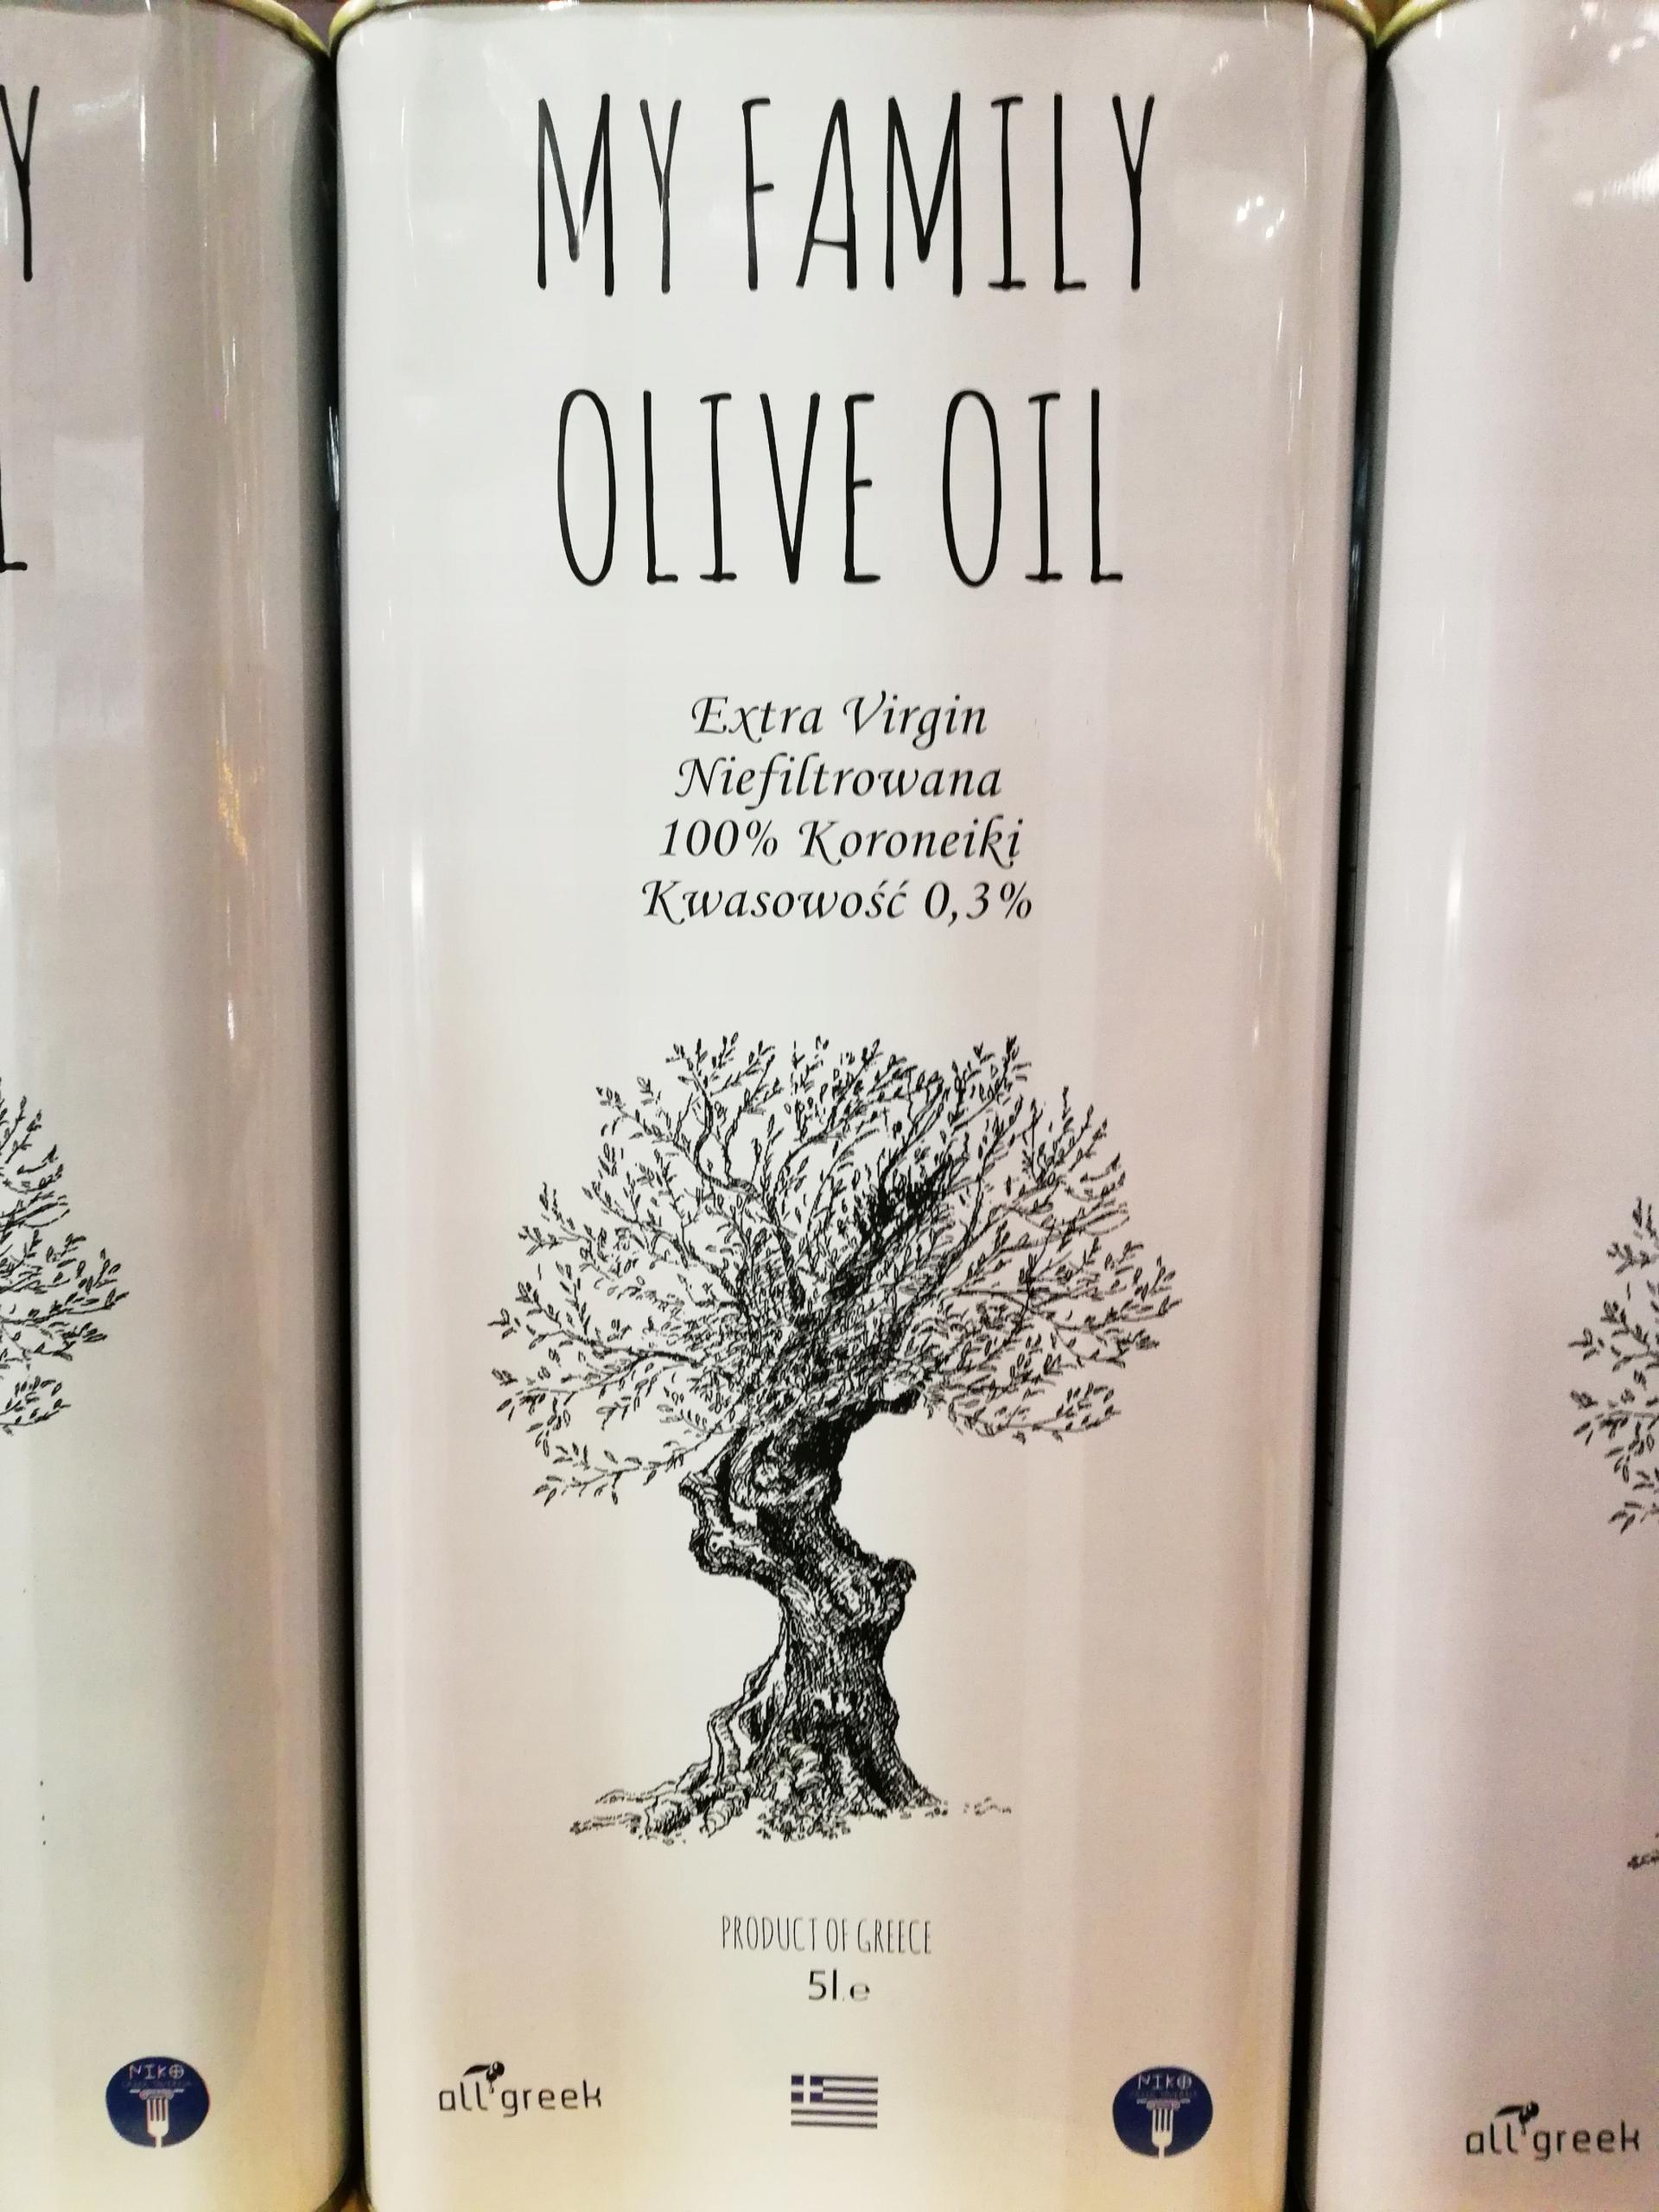 ČERSTVÉ, NIEFILTROWANA grécky Domáci Olivový olej 5L